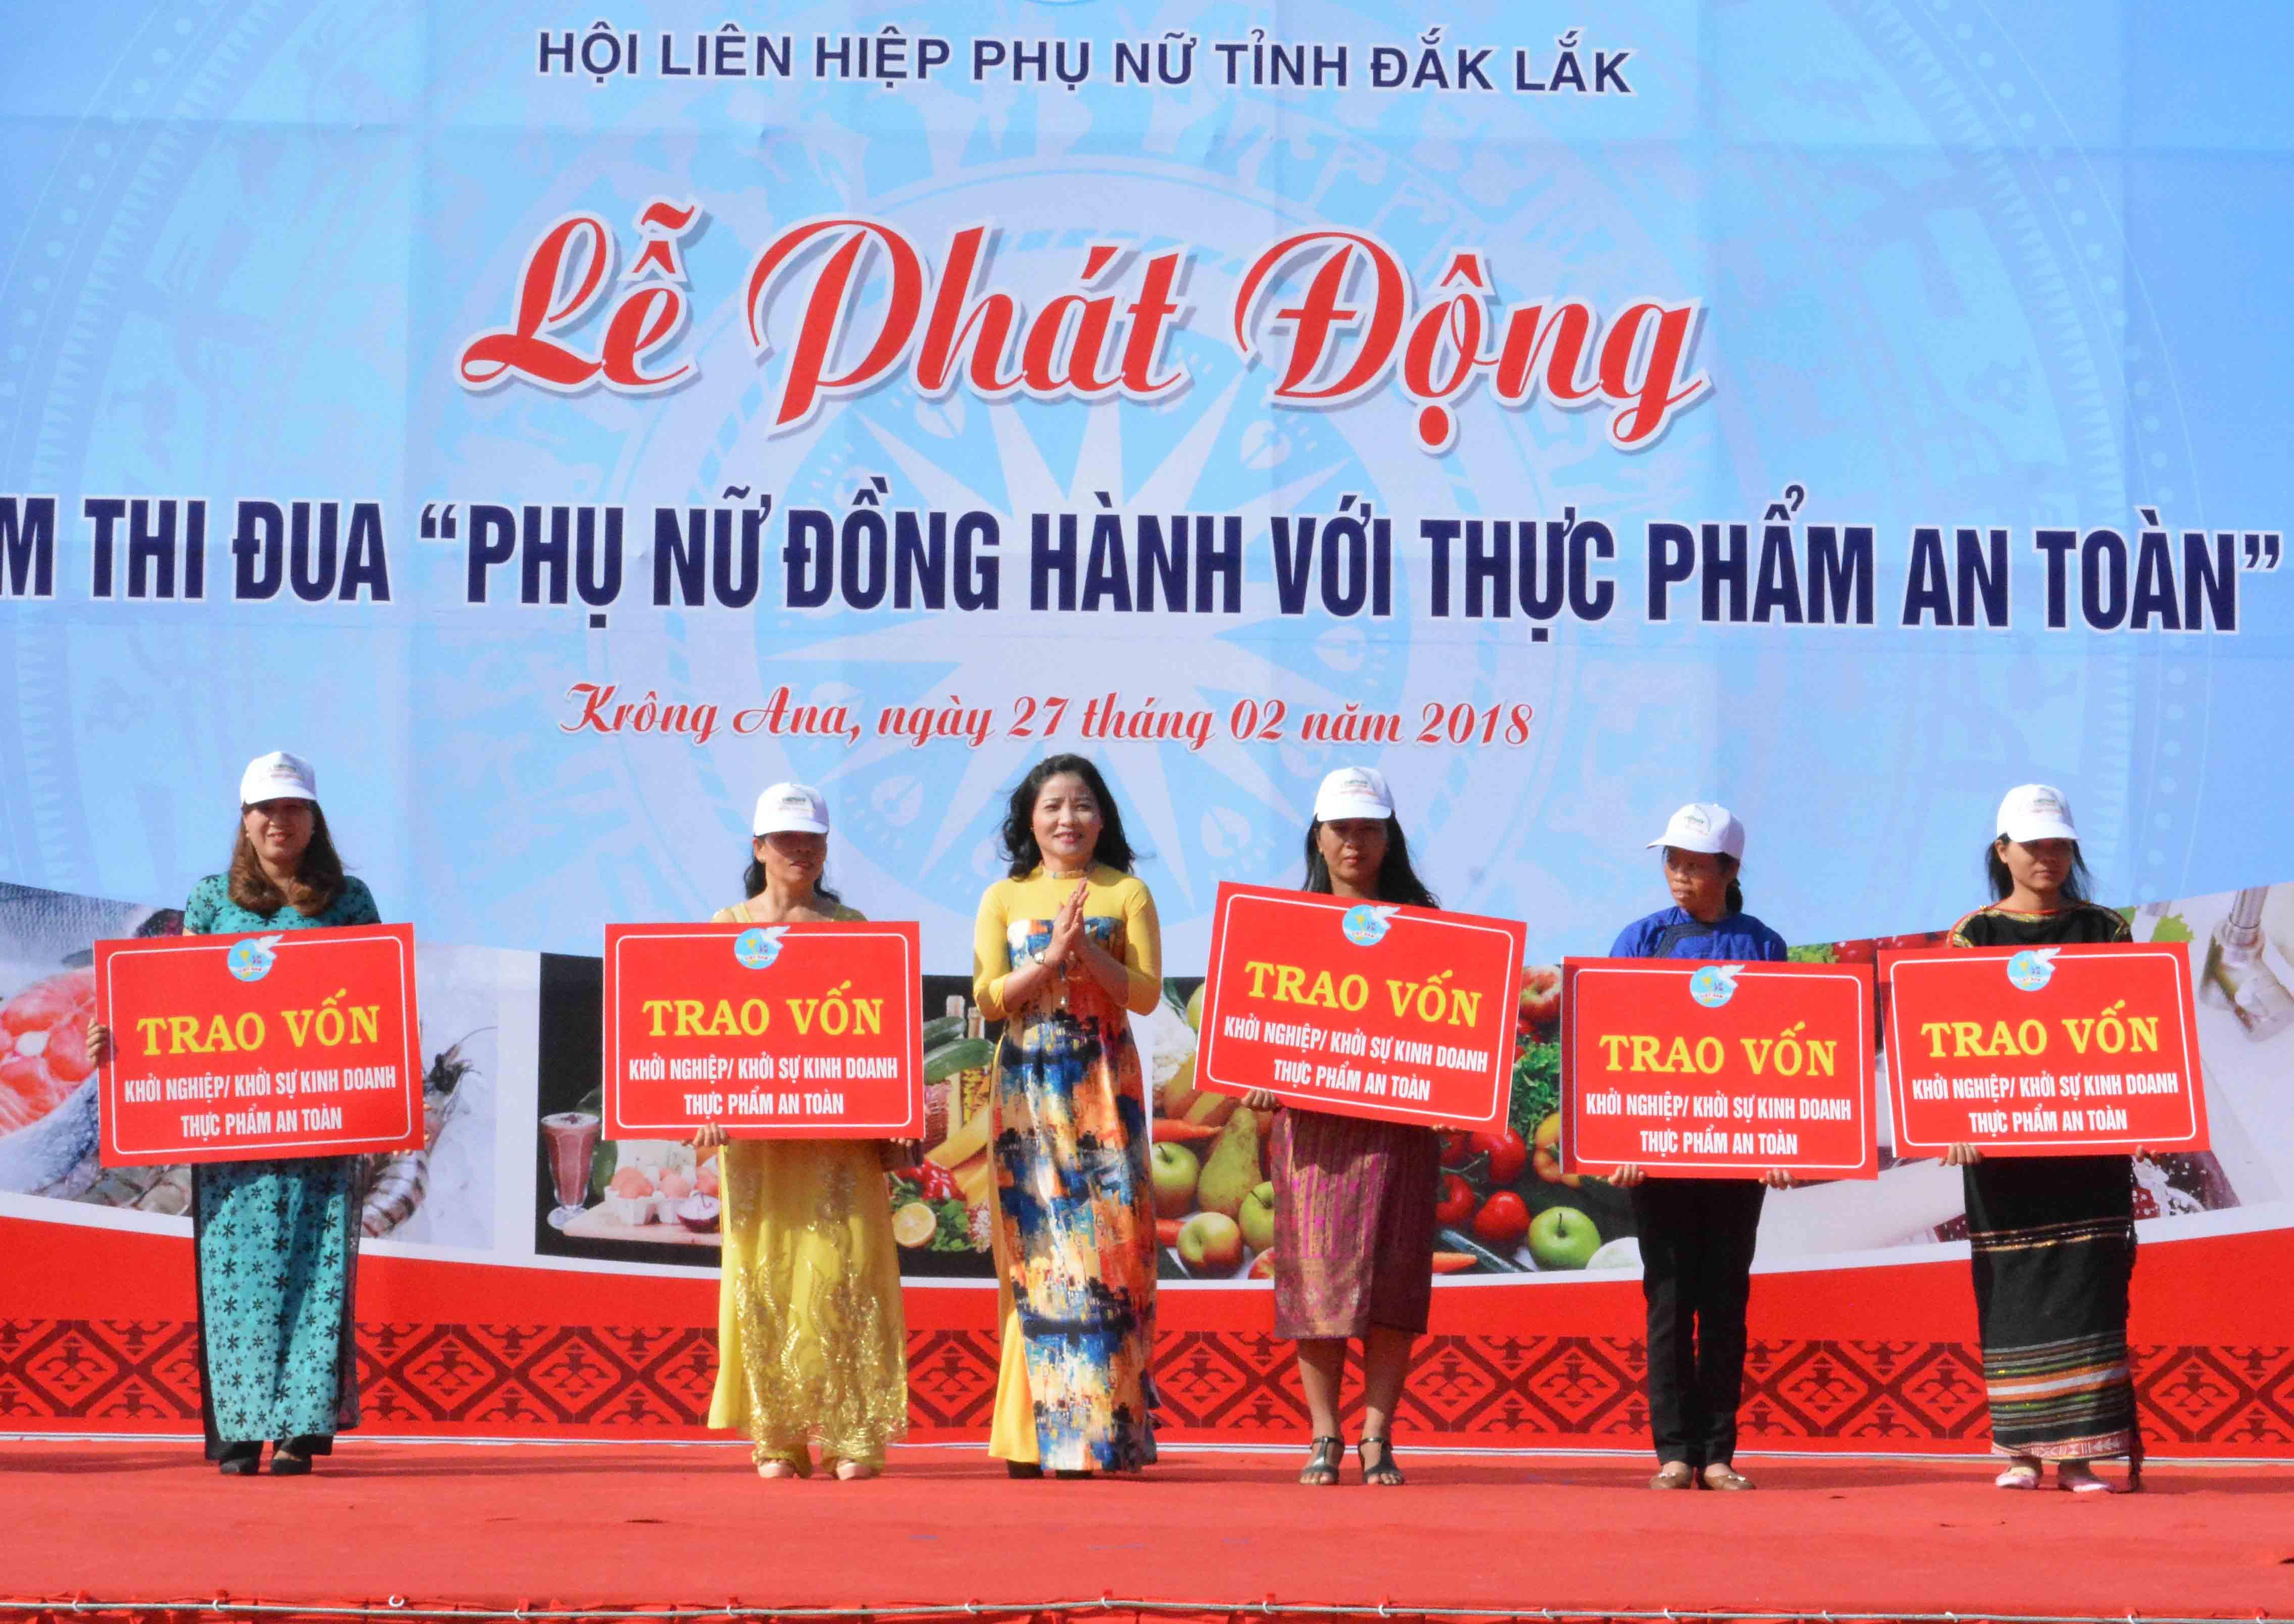 Ngày hội phụ nữ khởi nghiệp tỉnh Đắk Lắk năm 2018